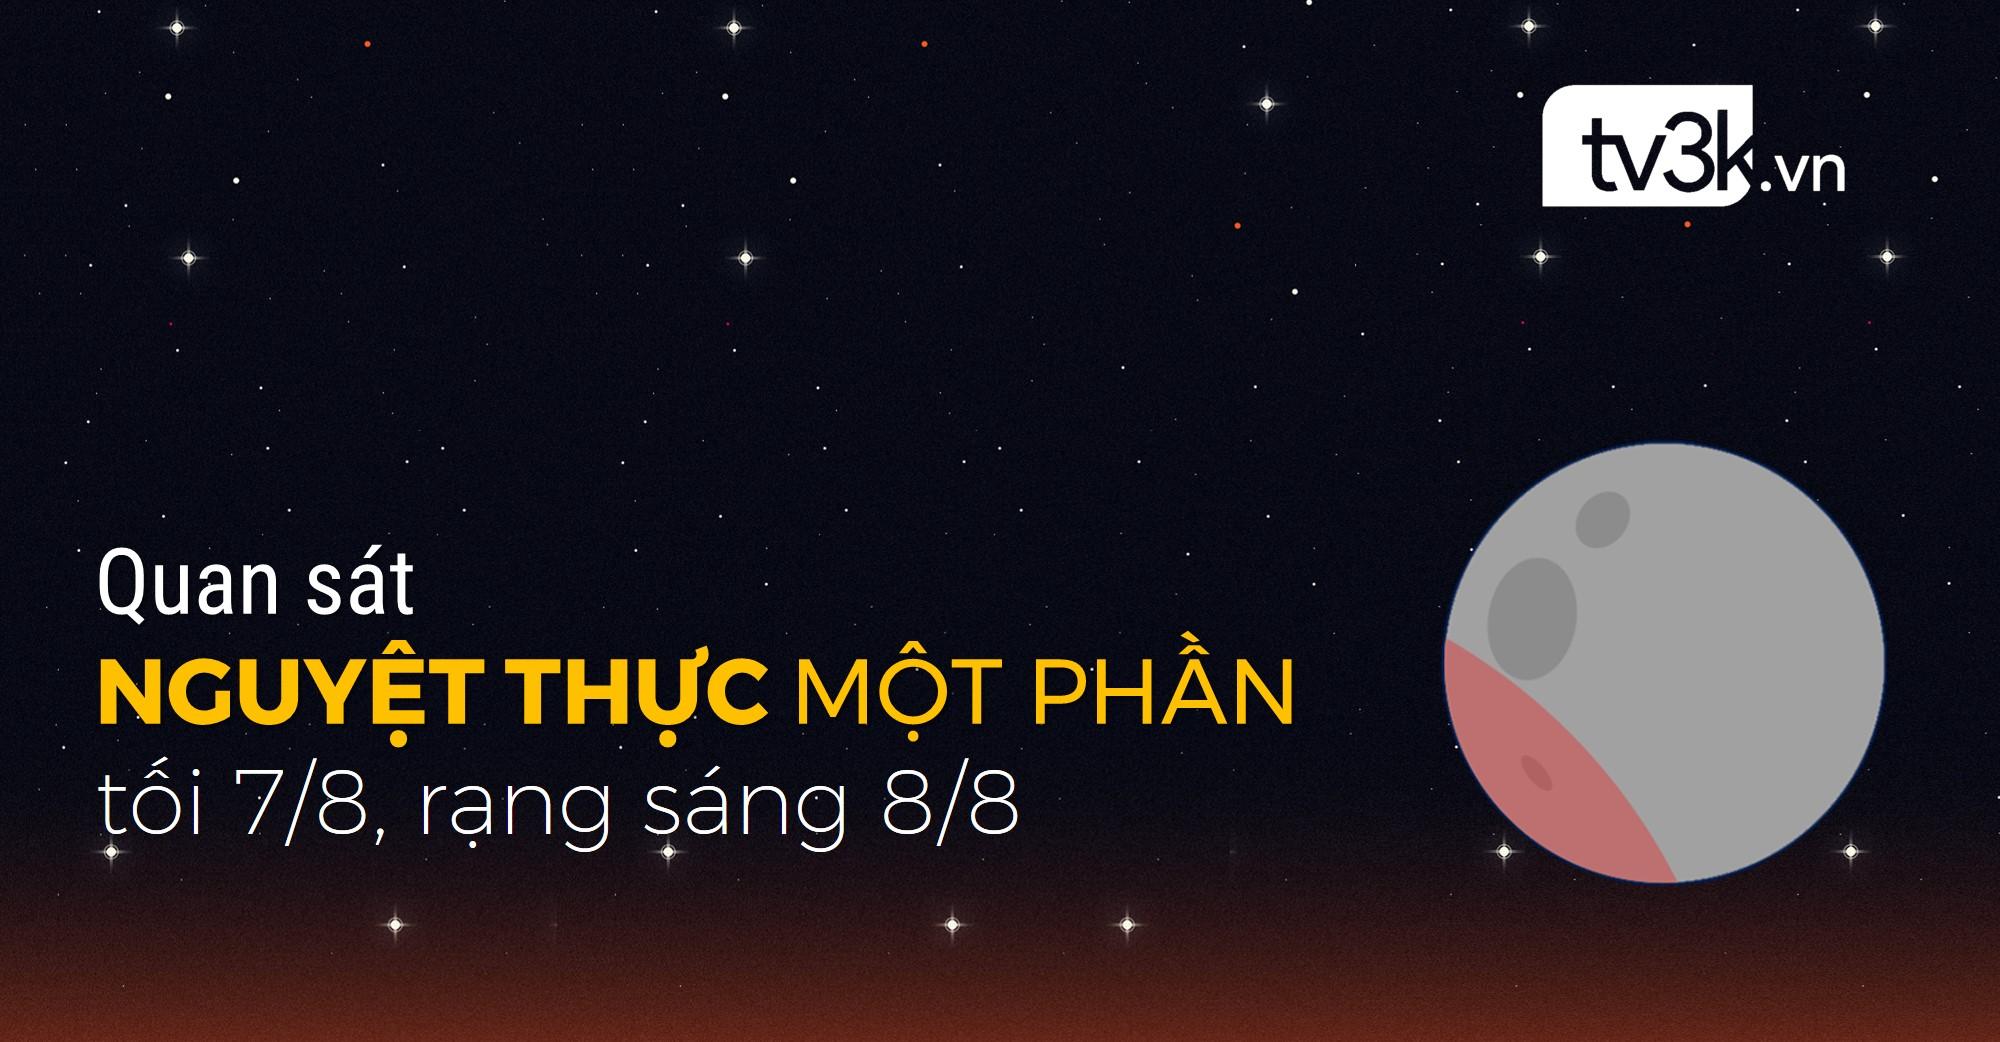 Đón quan sát Nguyệt thực một phần ở Việt Nam vào tối 7/8, rạng sáng 8/8 tới.